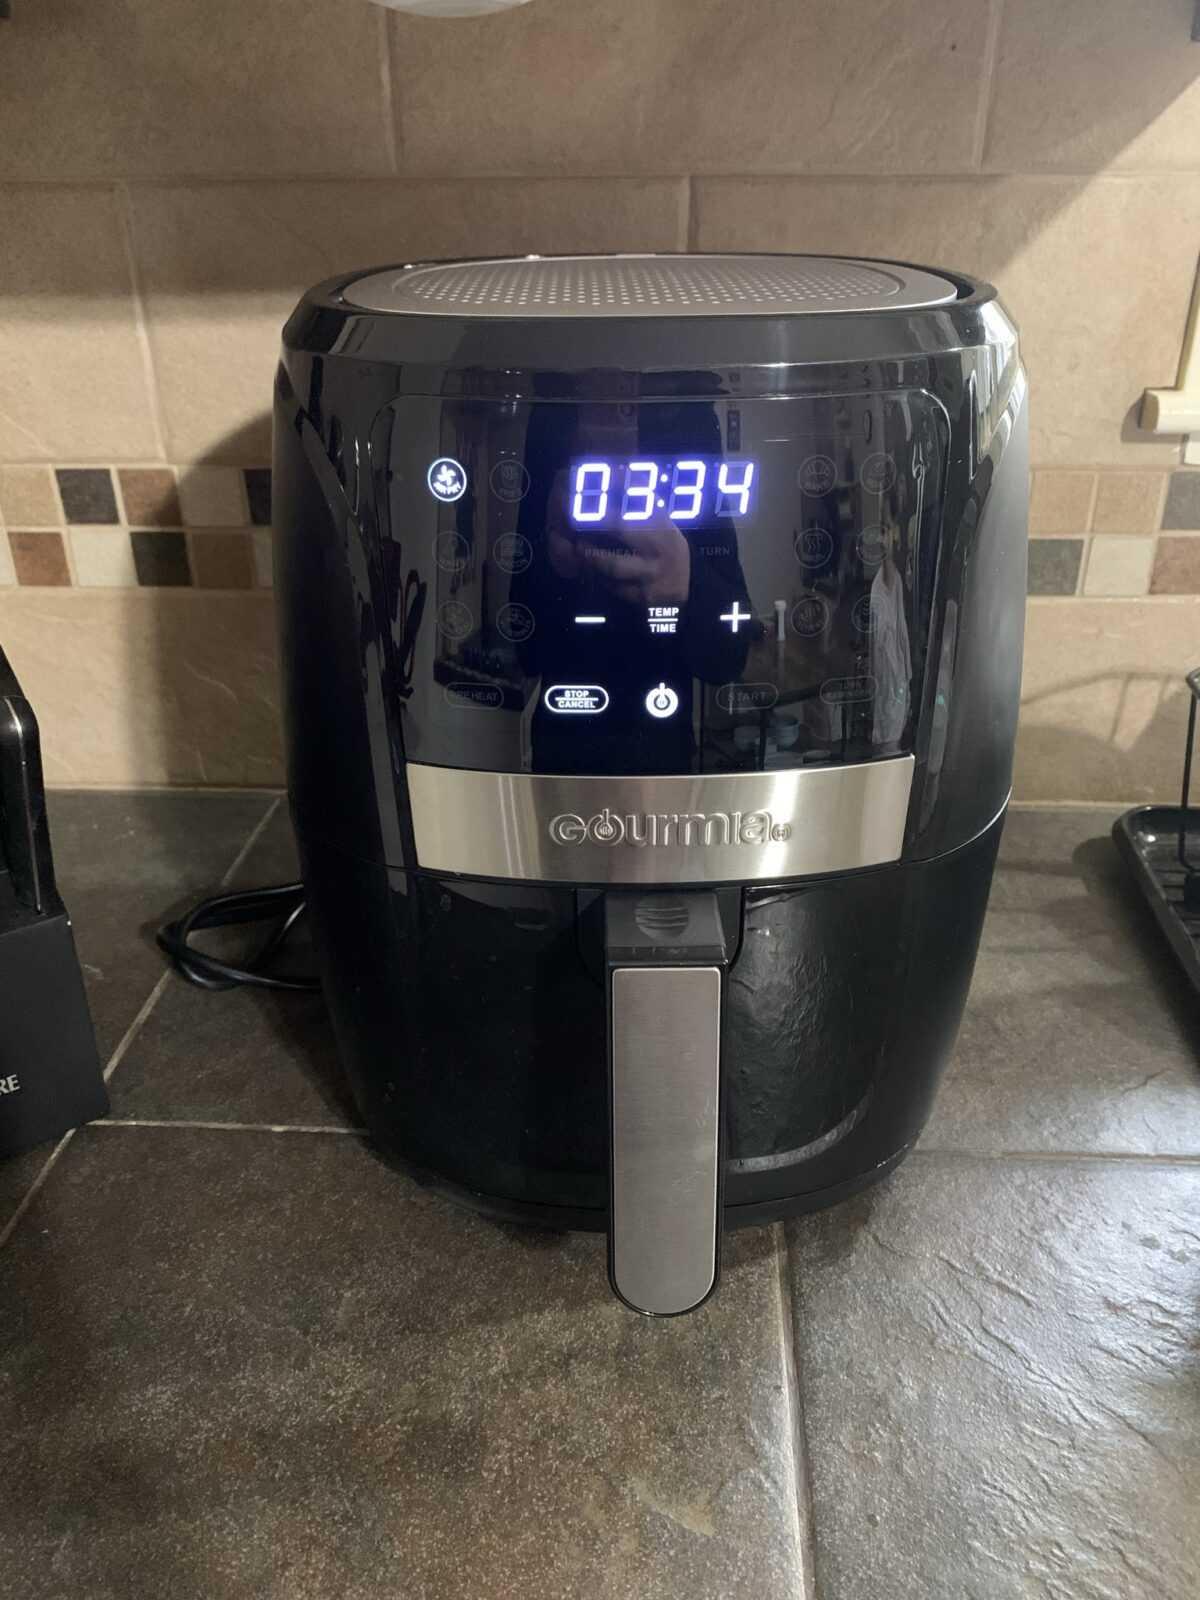 gourmia 5 quart air fryer on a countertop